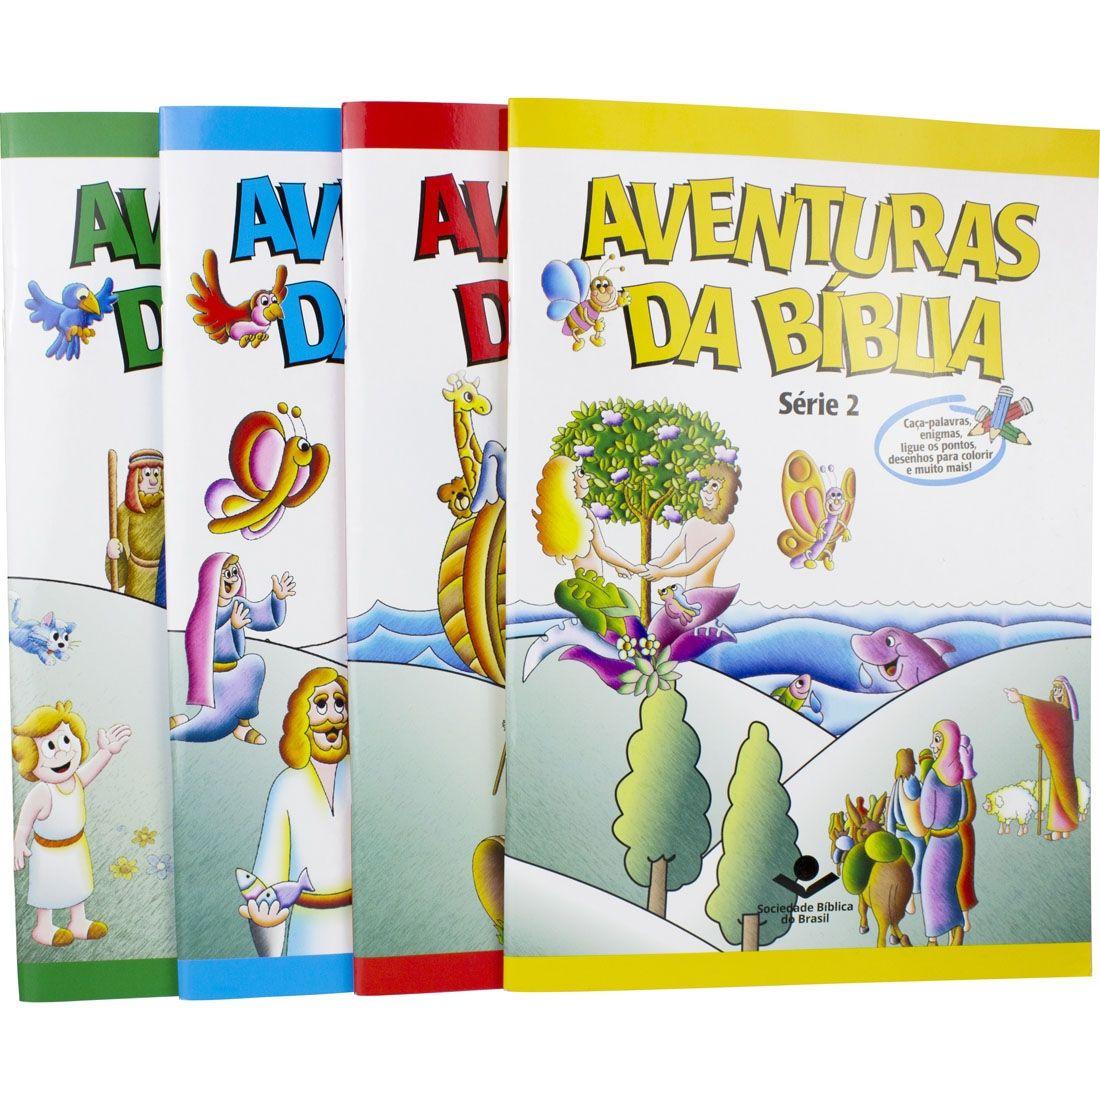 Série 2 - Aventuras da Bíblia  - Universo Bíblico Rs